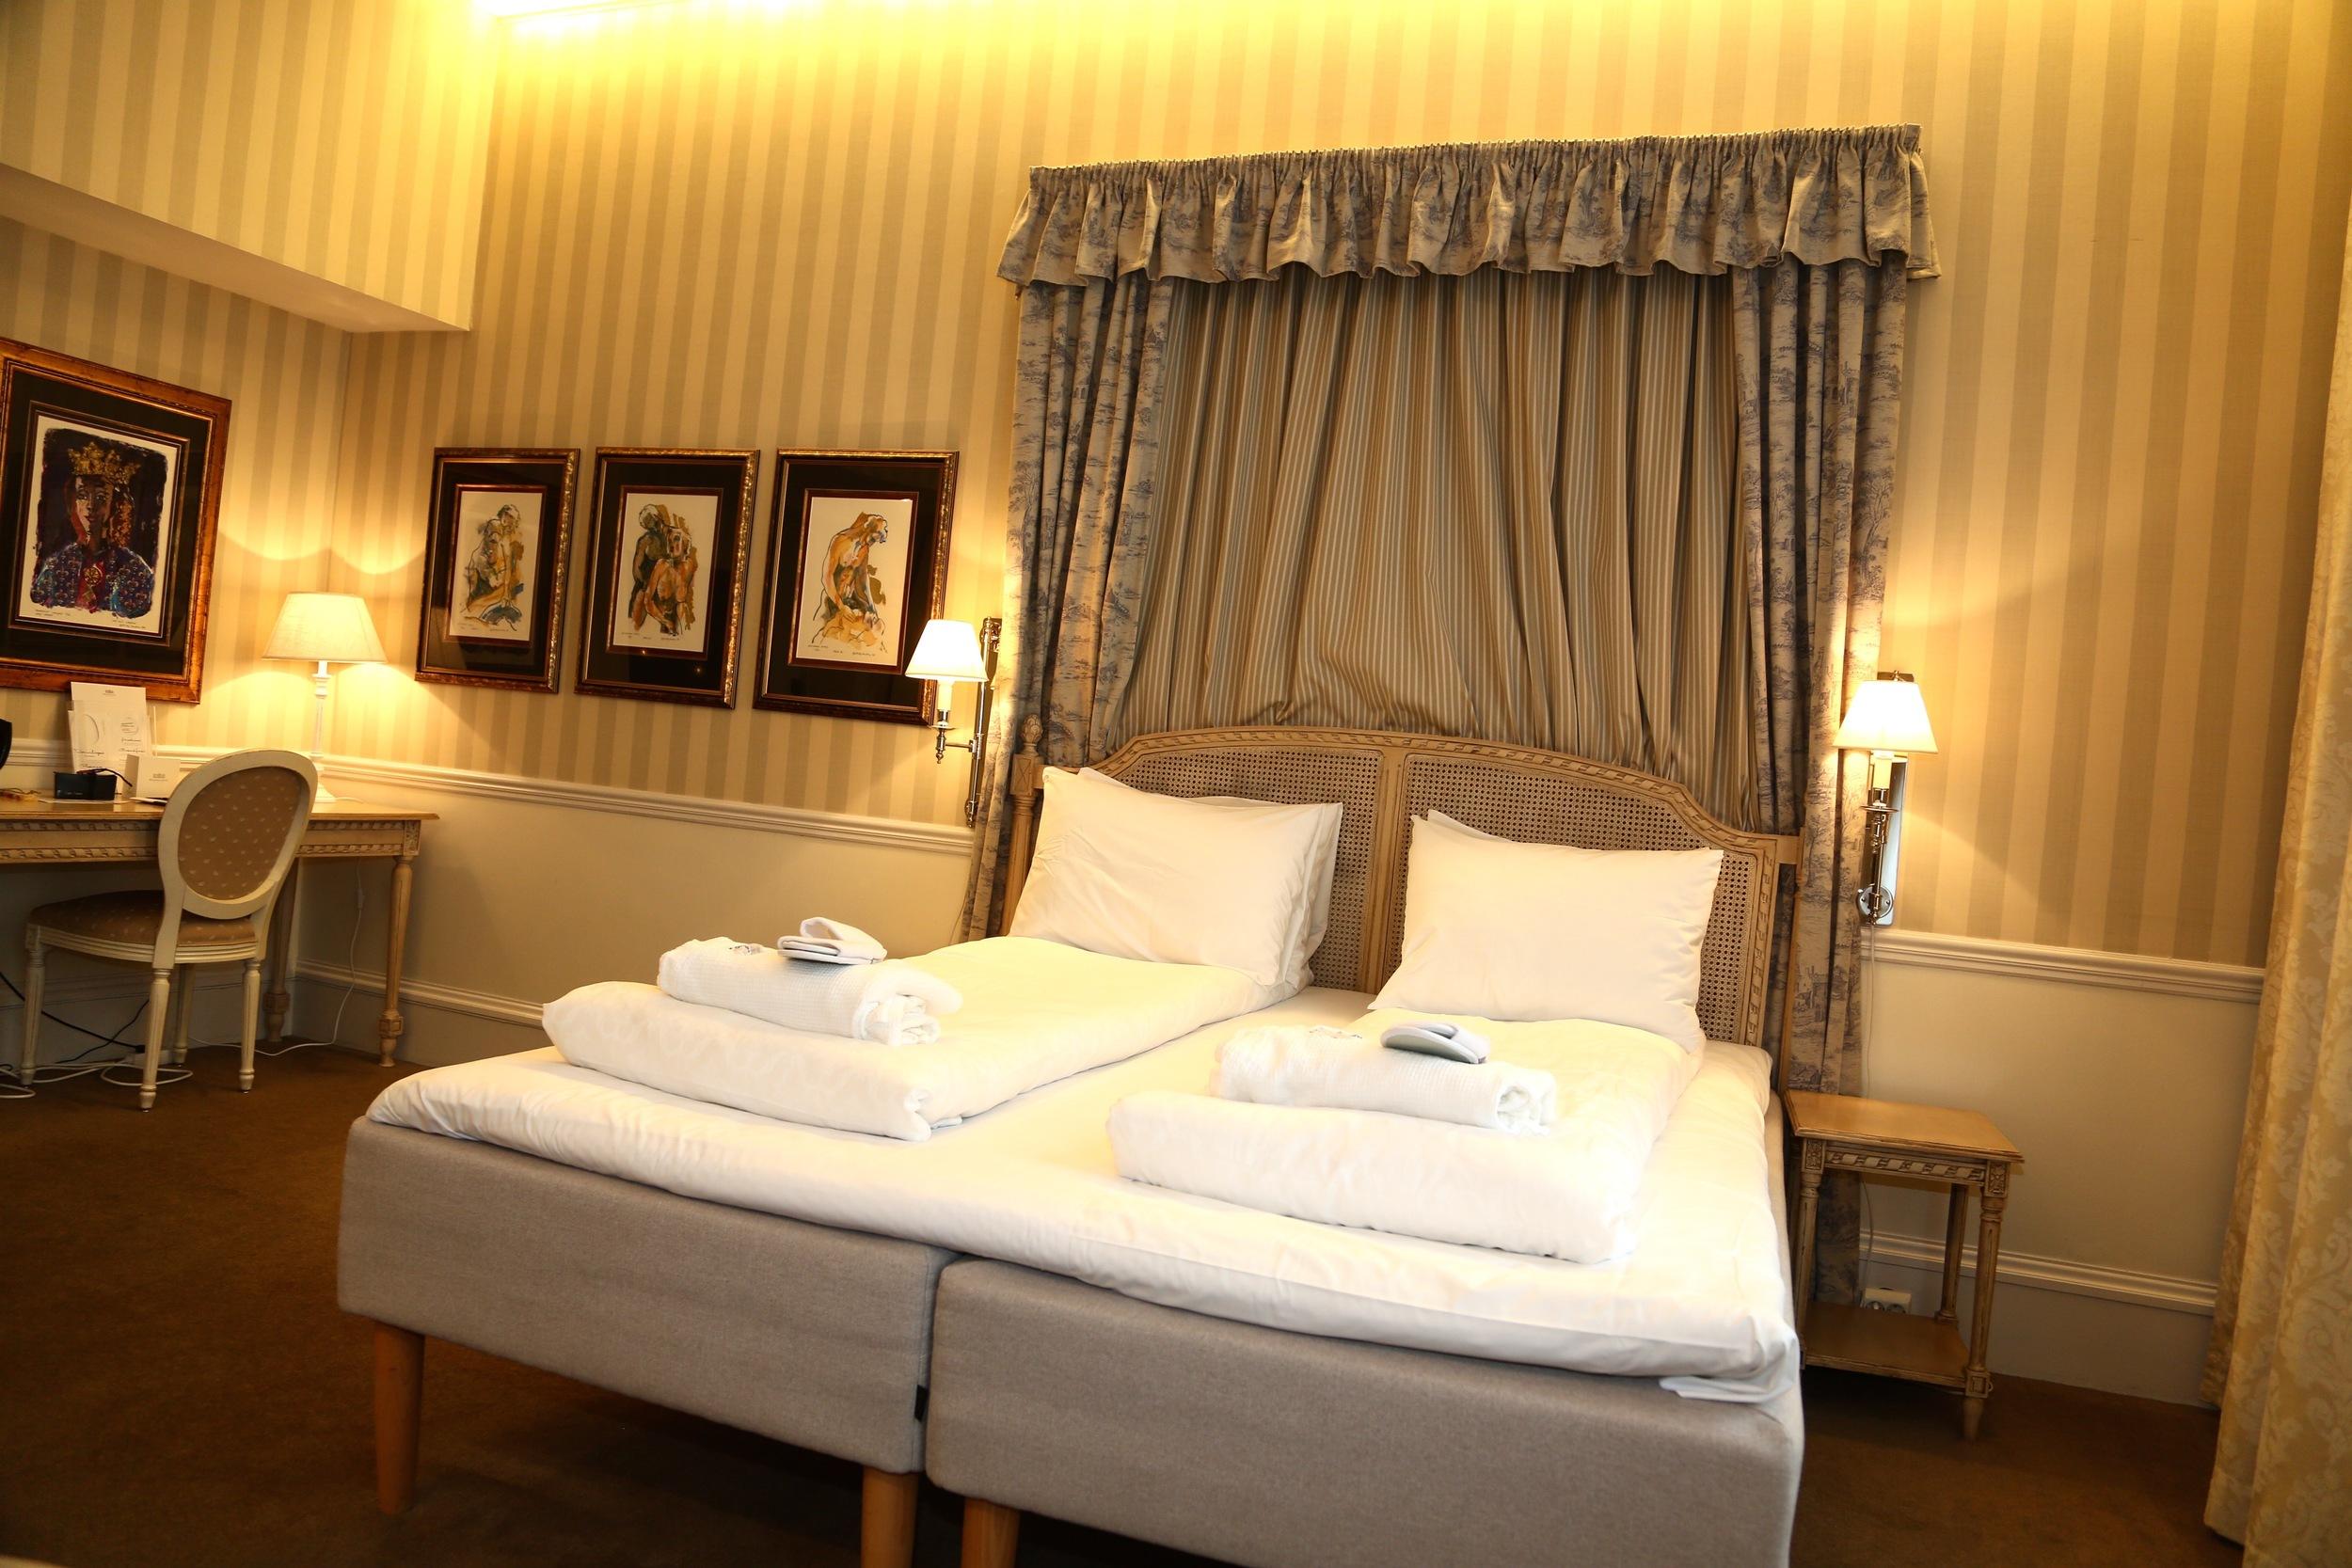 En hotellseng skal ikke koste mer enn det trenger.  Foto: Odd Roar Lange